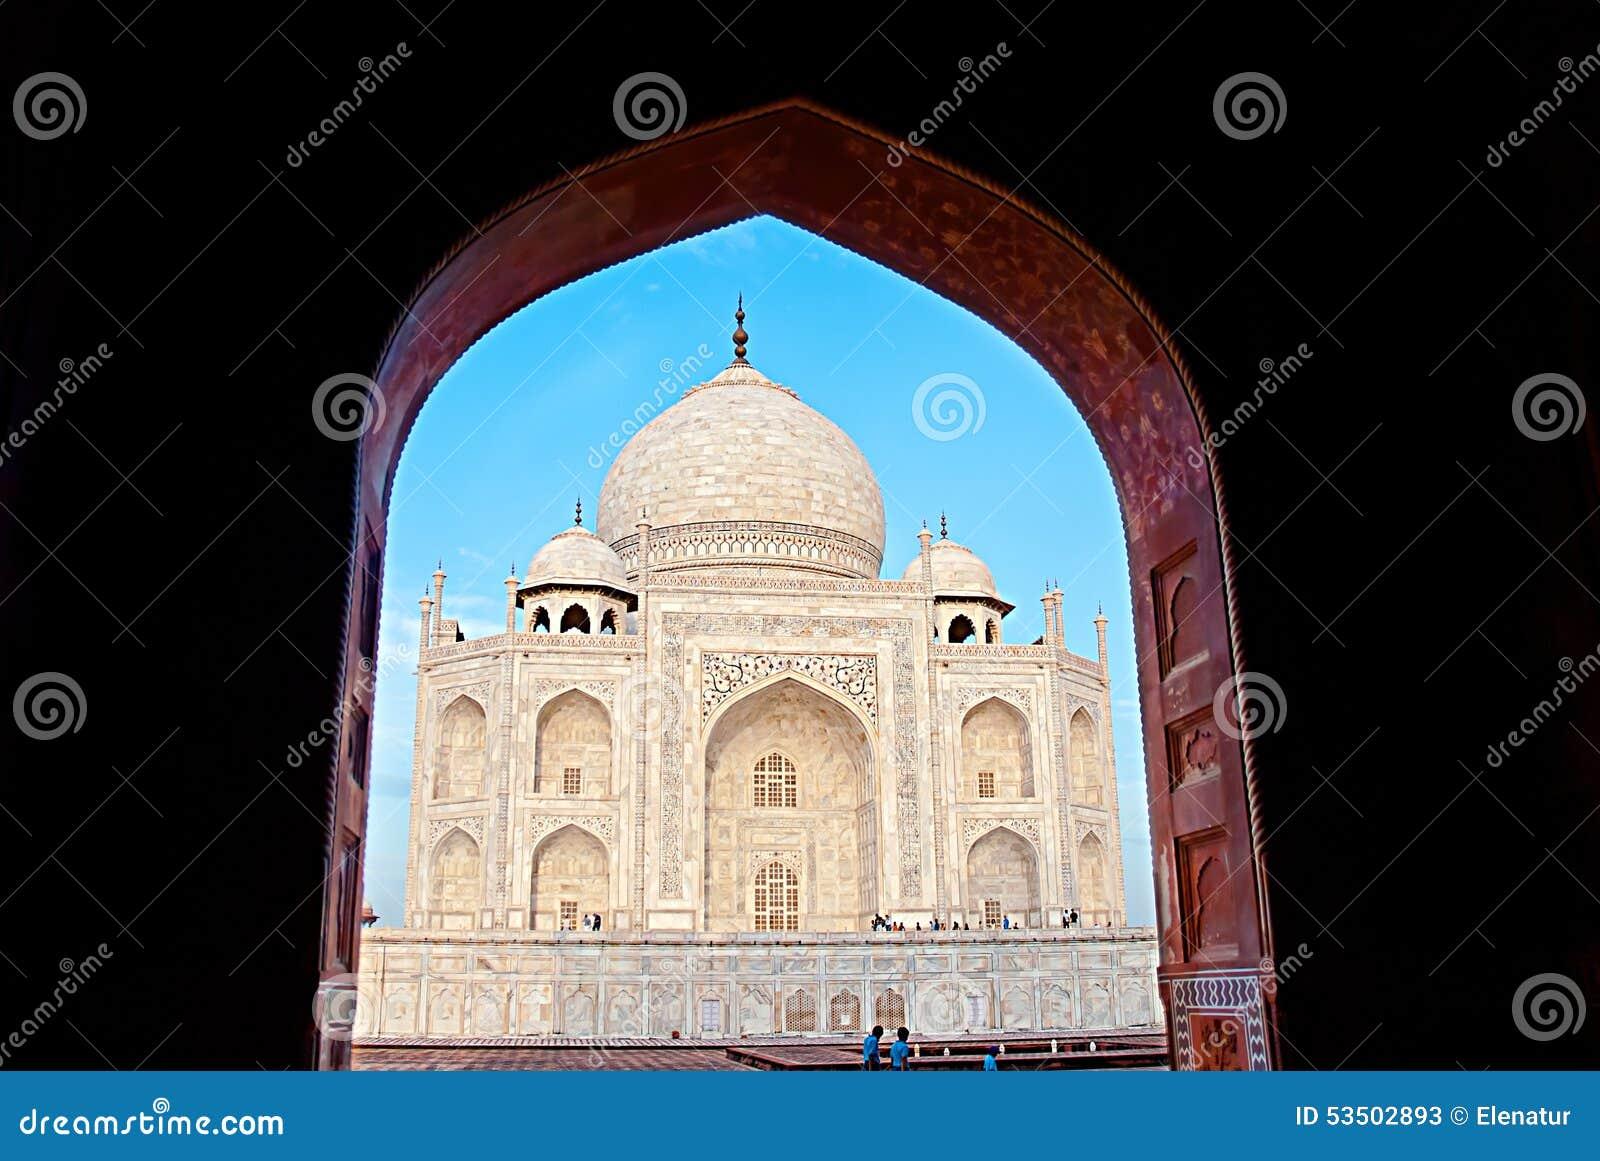 Palais d 39 indien du taj mahal architecture de l 39 islam agra for Architecture inde